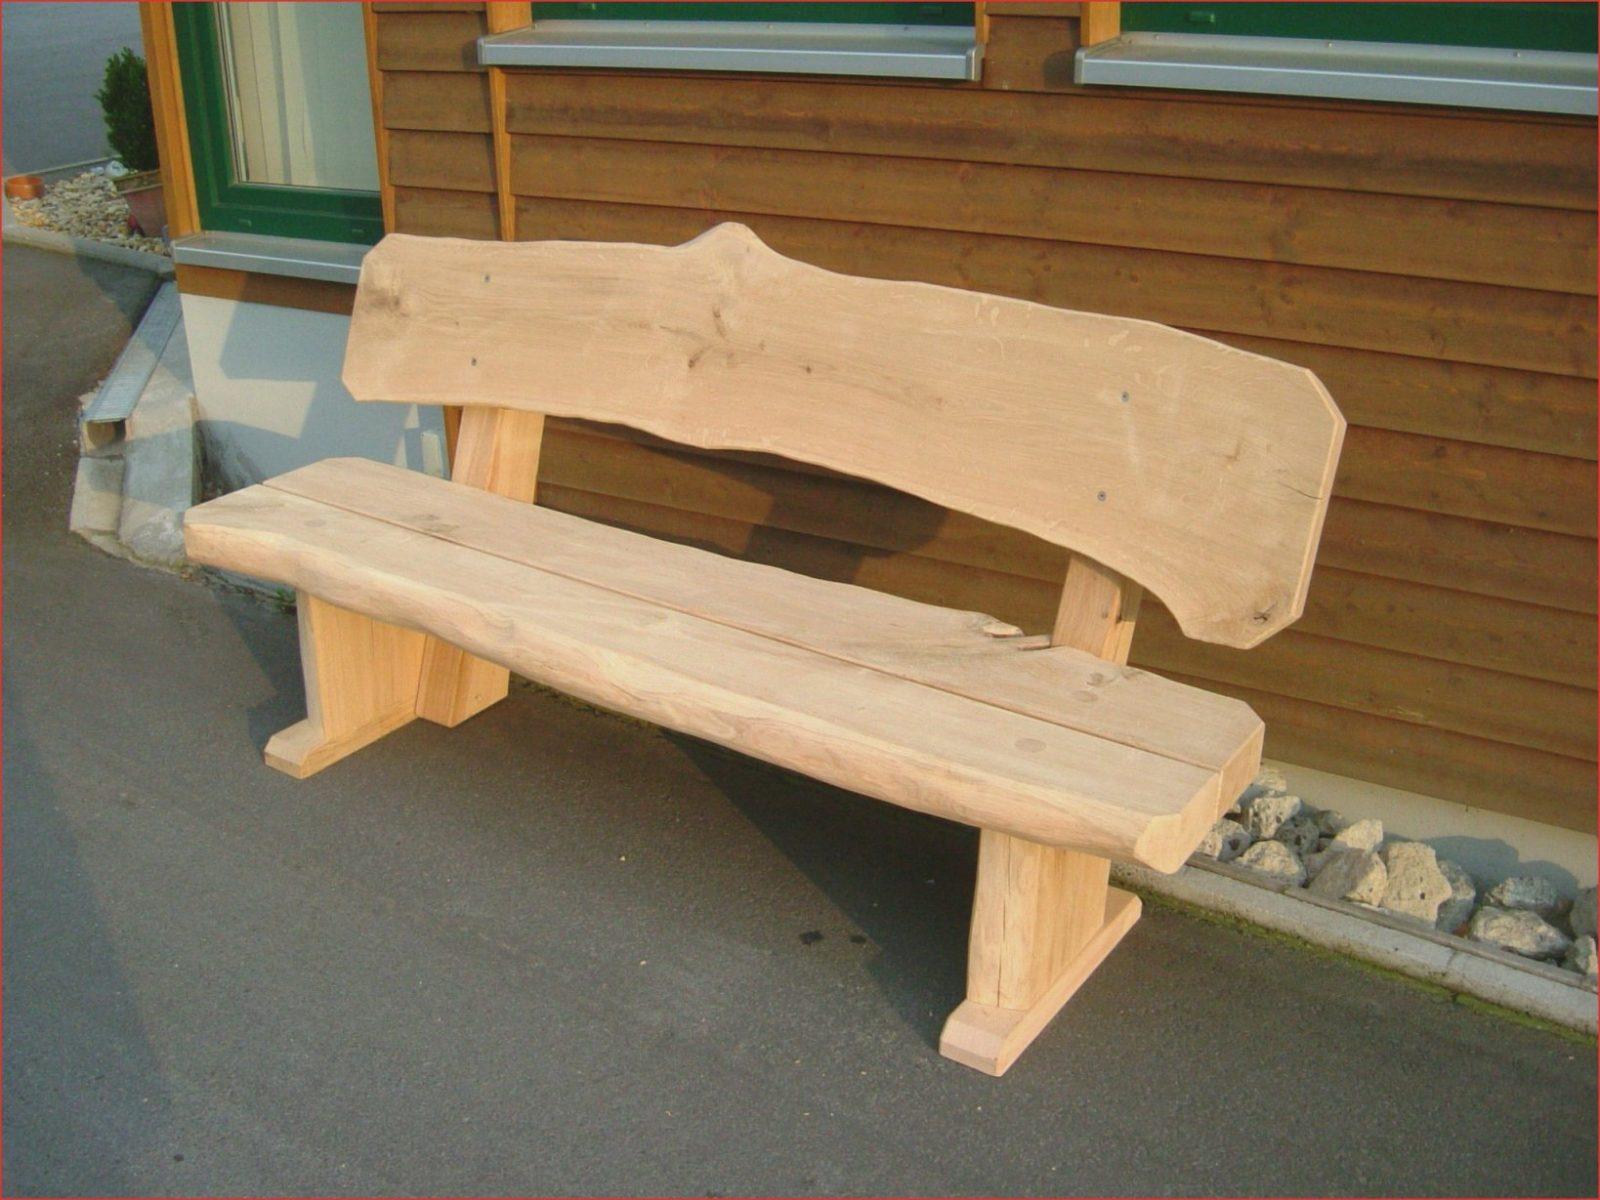 Gartenbank Holz Massiv Rustikal A48R Design Zum Holz Für Gartenbank von Gartenbank Holz Massiv Rustikal Photo